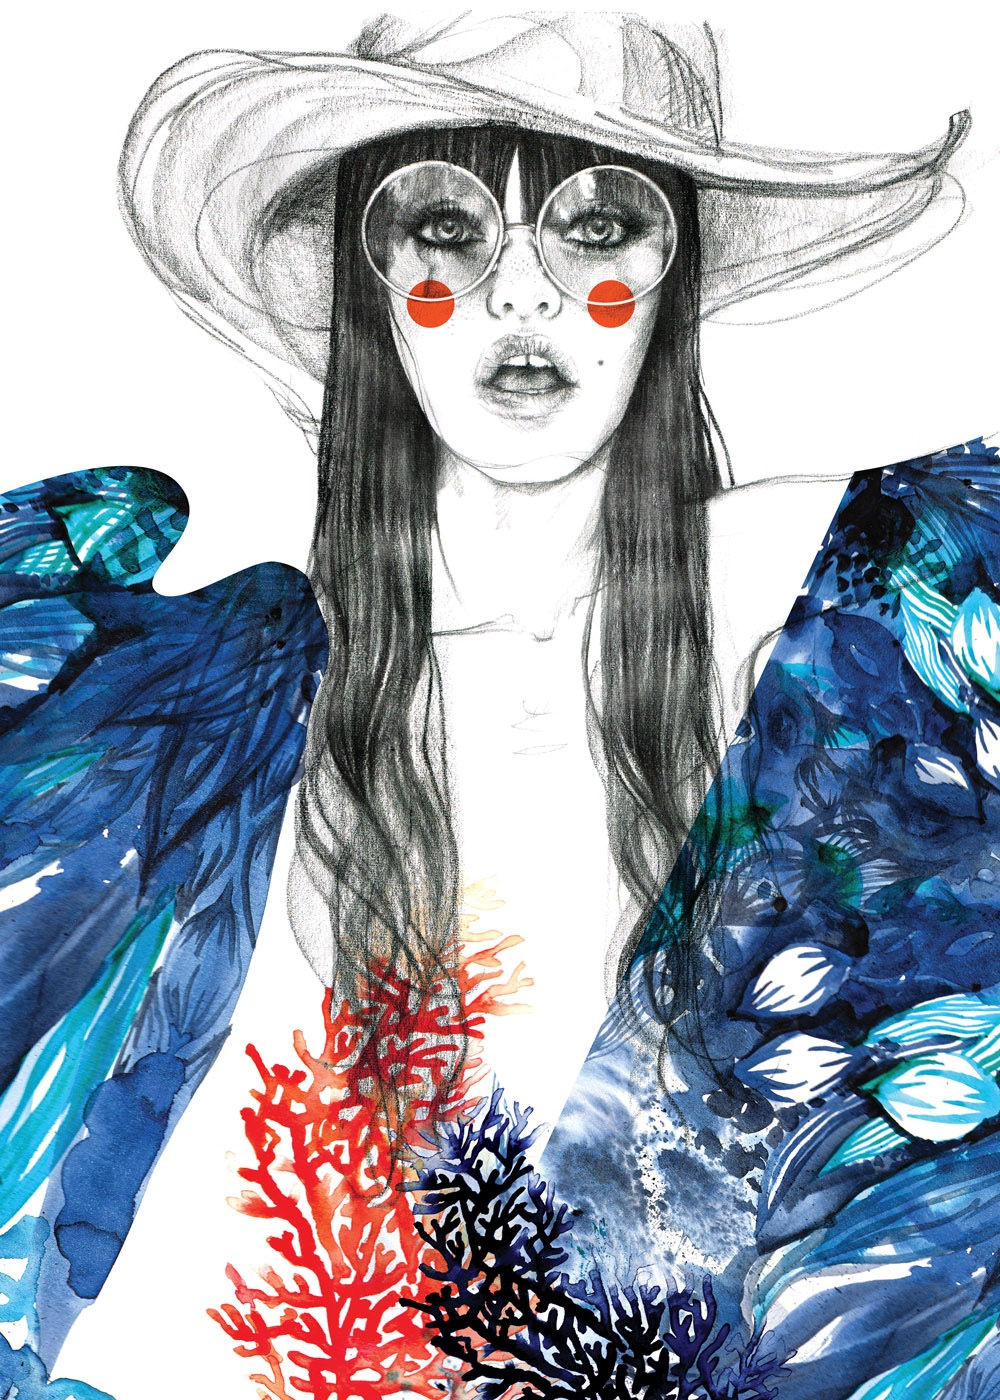 illustrator, illustrators, illustration, illustrations, woman, women, hat, hats, glasses, coral, robe, blush, fashion, water, ocean